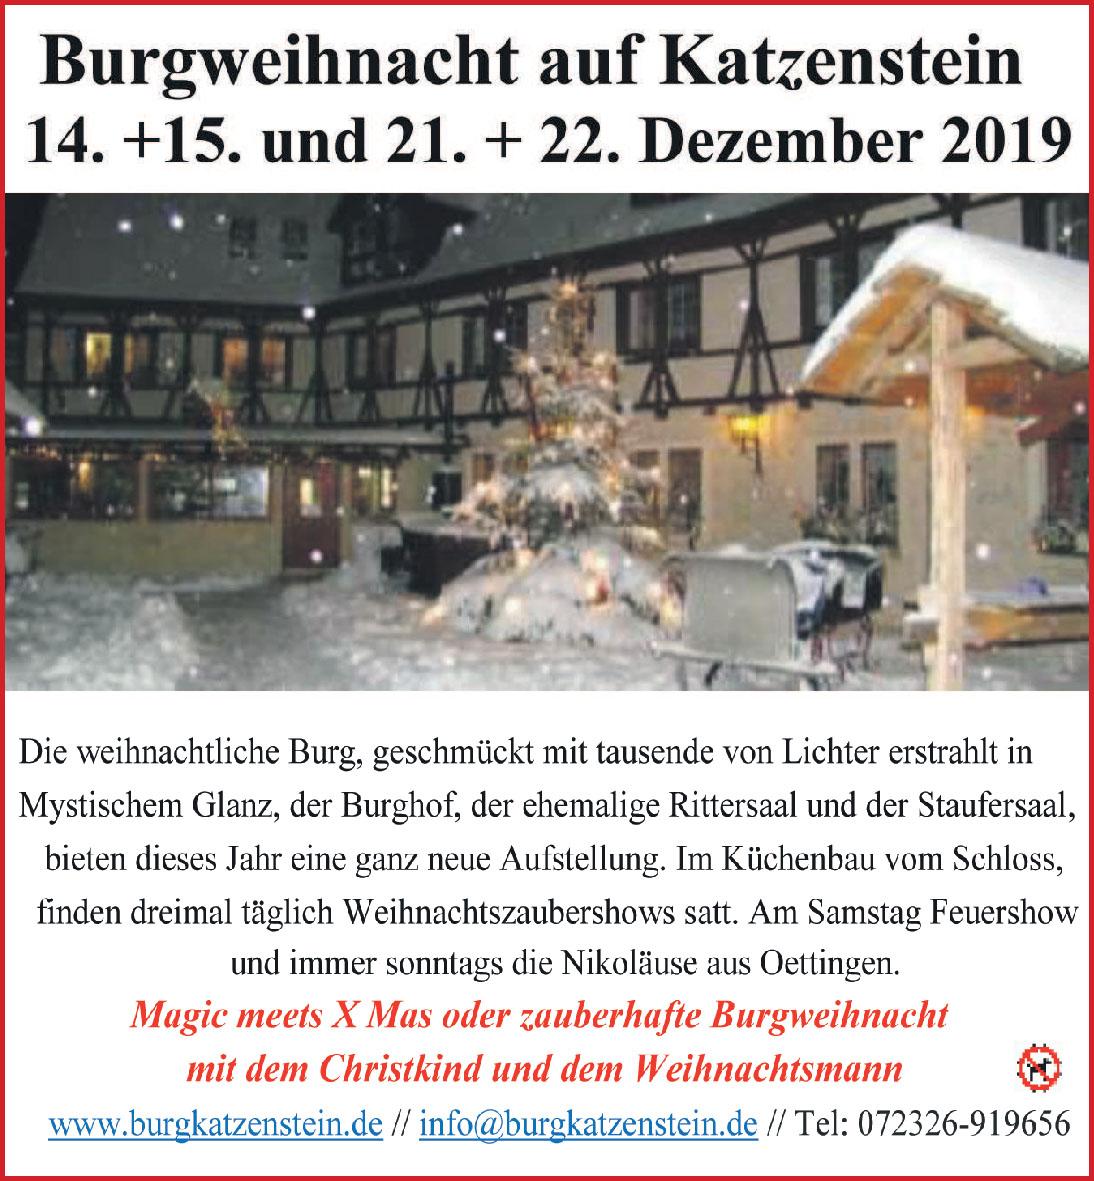 Burgweihnacht auf Katzenstein